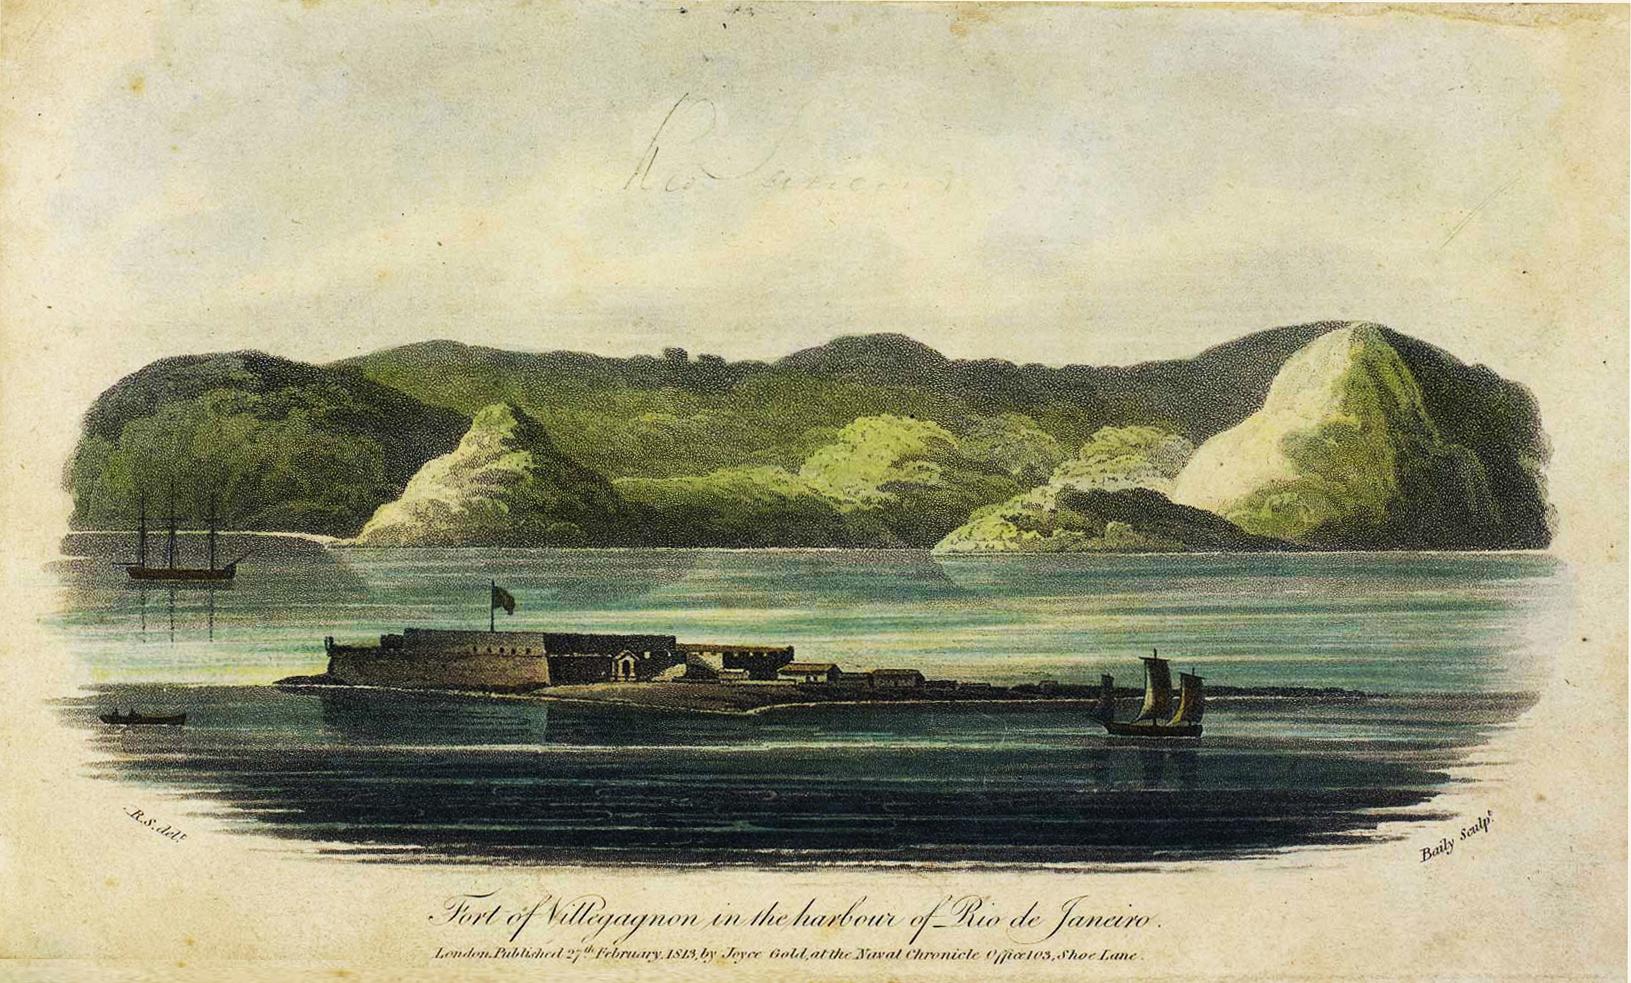 (3) Fort of Villegagnon in the harbour of Rio de Janeiro<br> Acervo da Fundação Biblioteca Nacional - Brasil